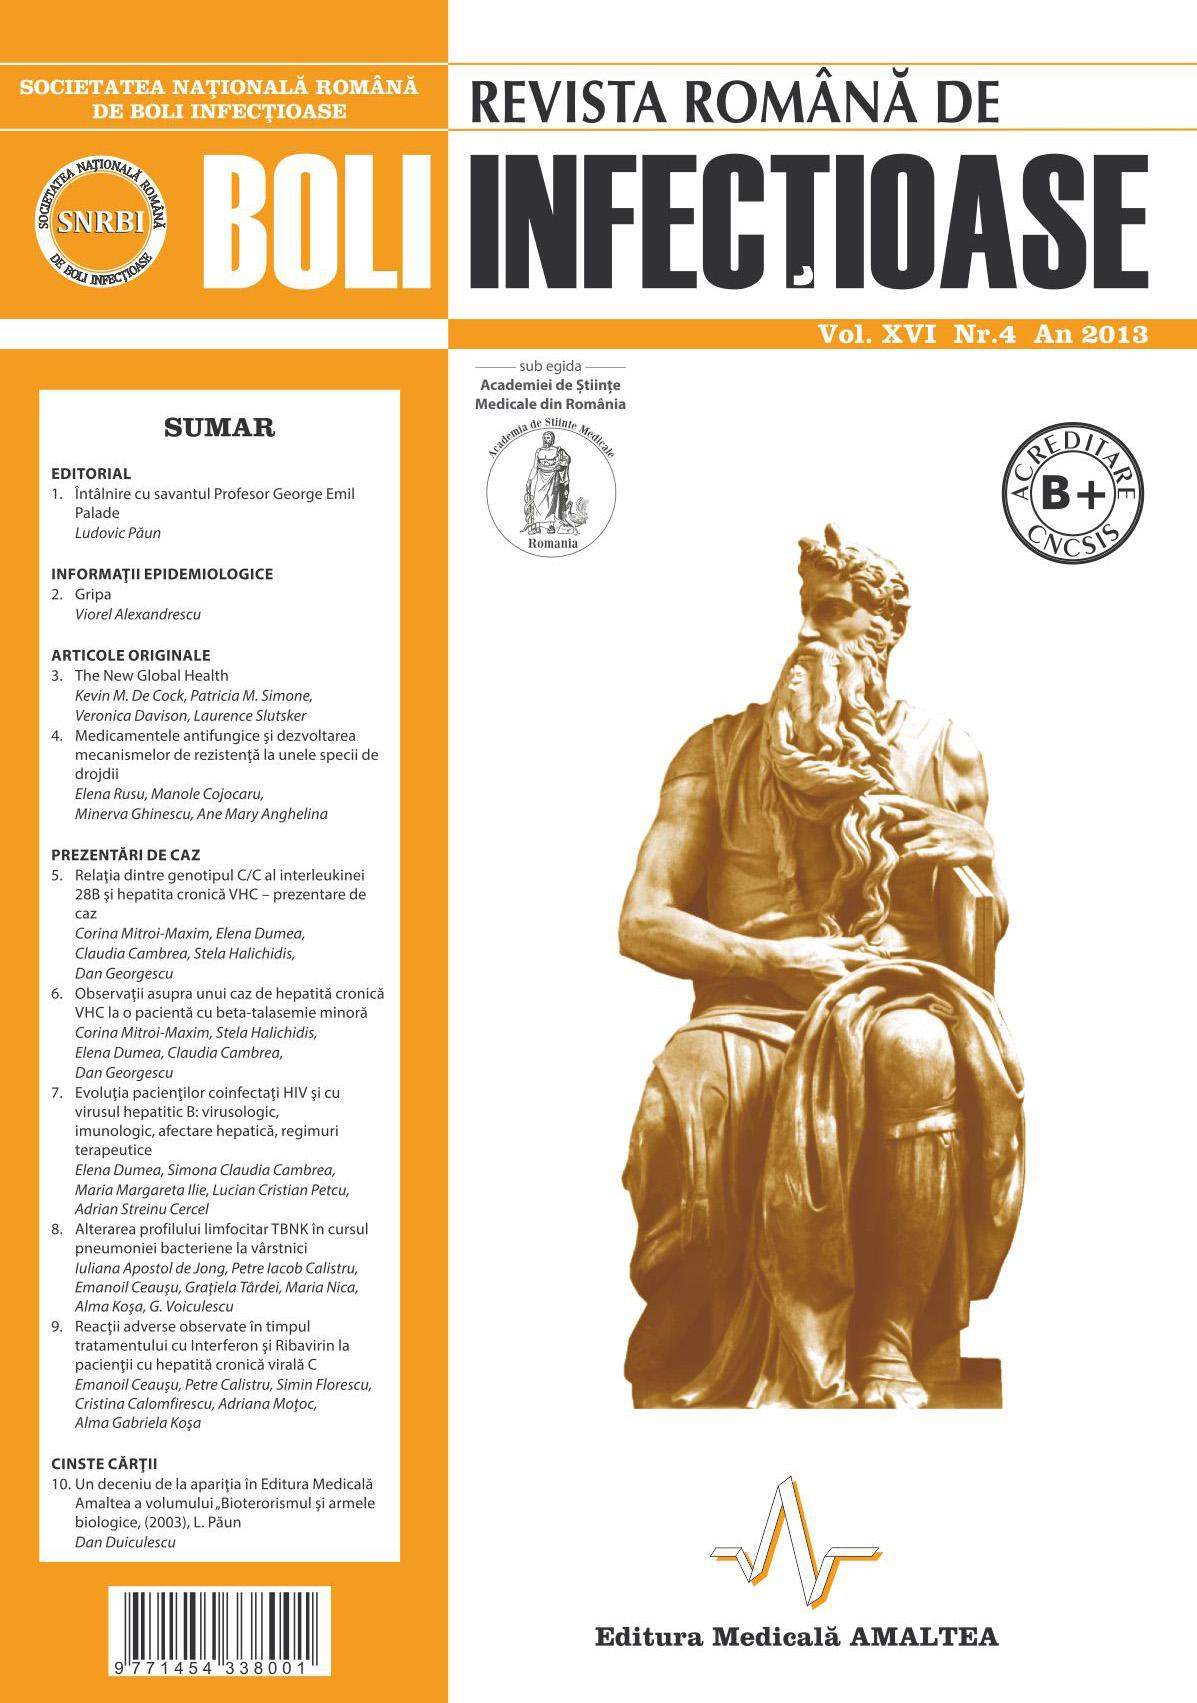 Revista Romana de Boli Infectioase | Vol. XVI, No. 4, 2013